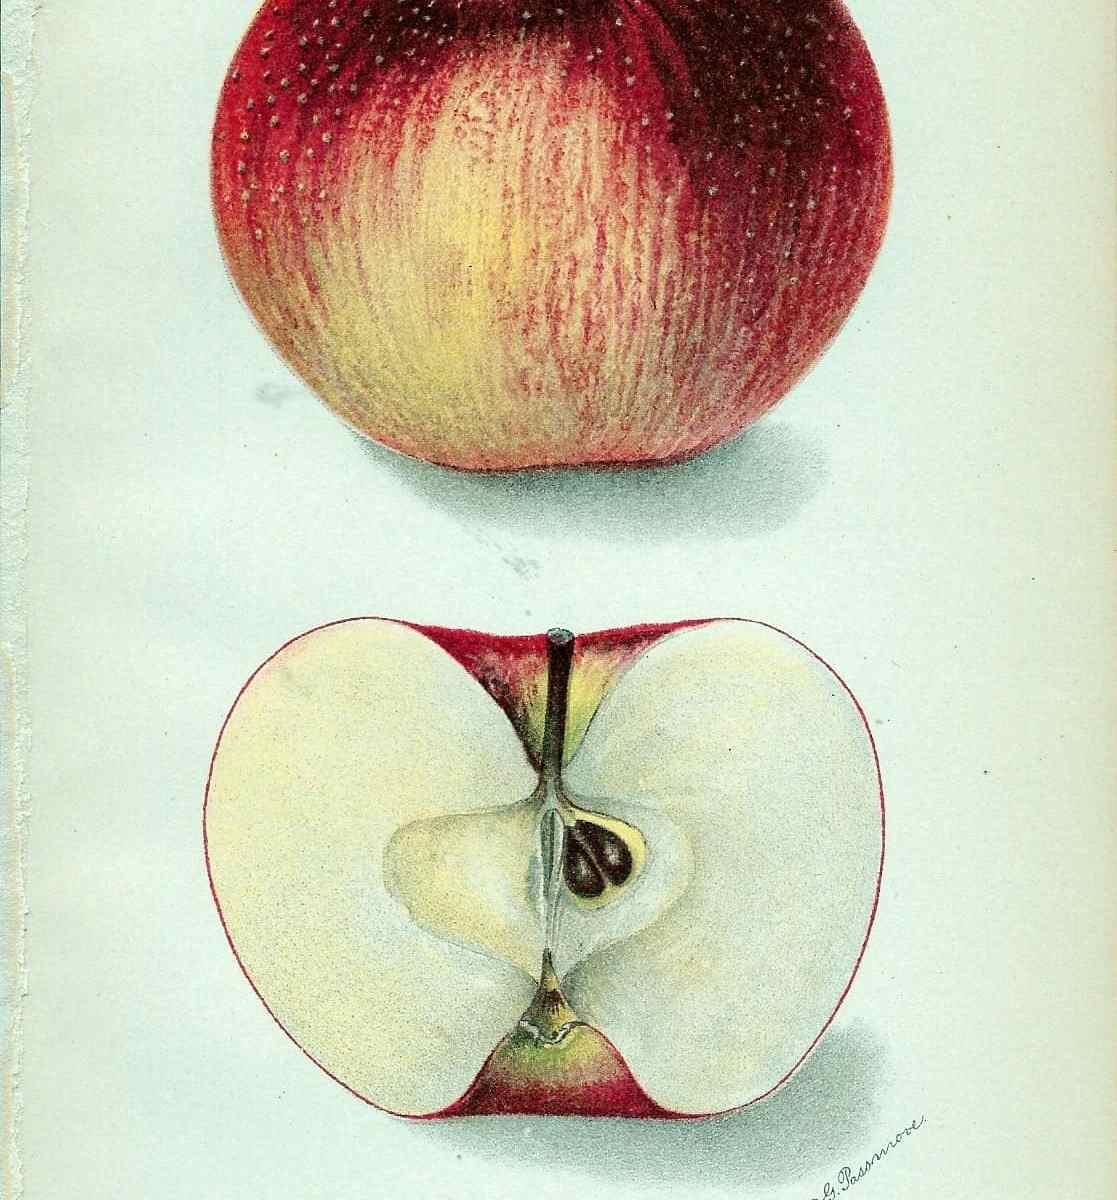 245 dept of ag carson apple 1905